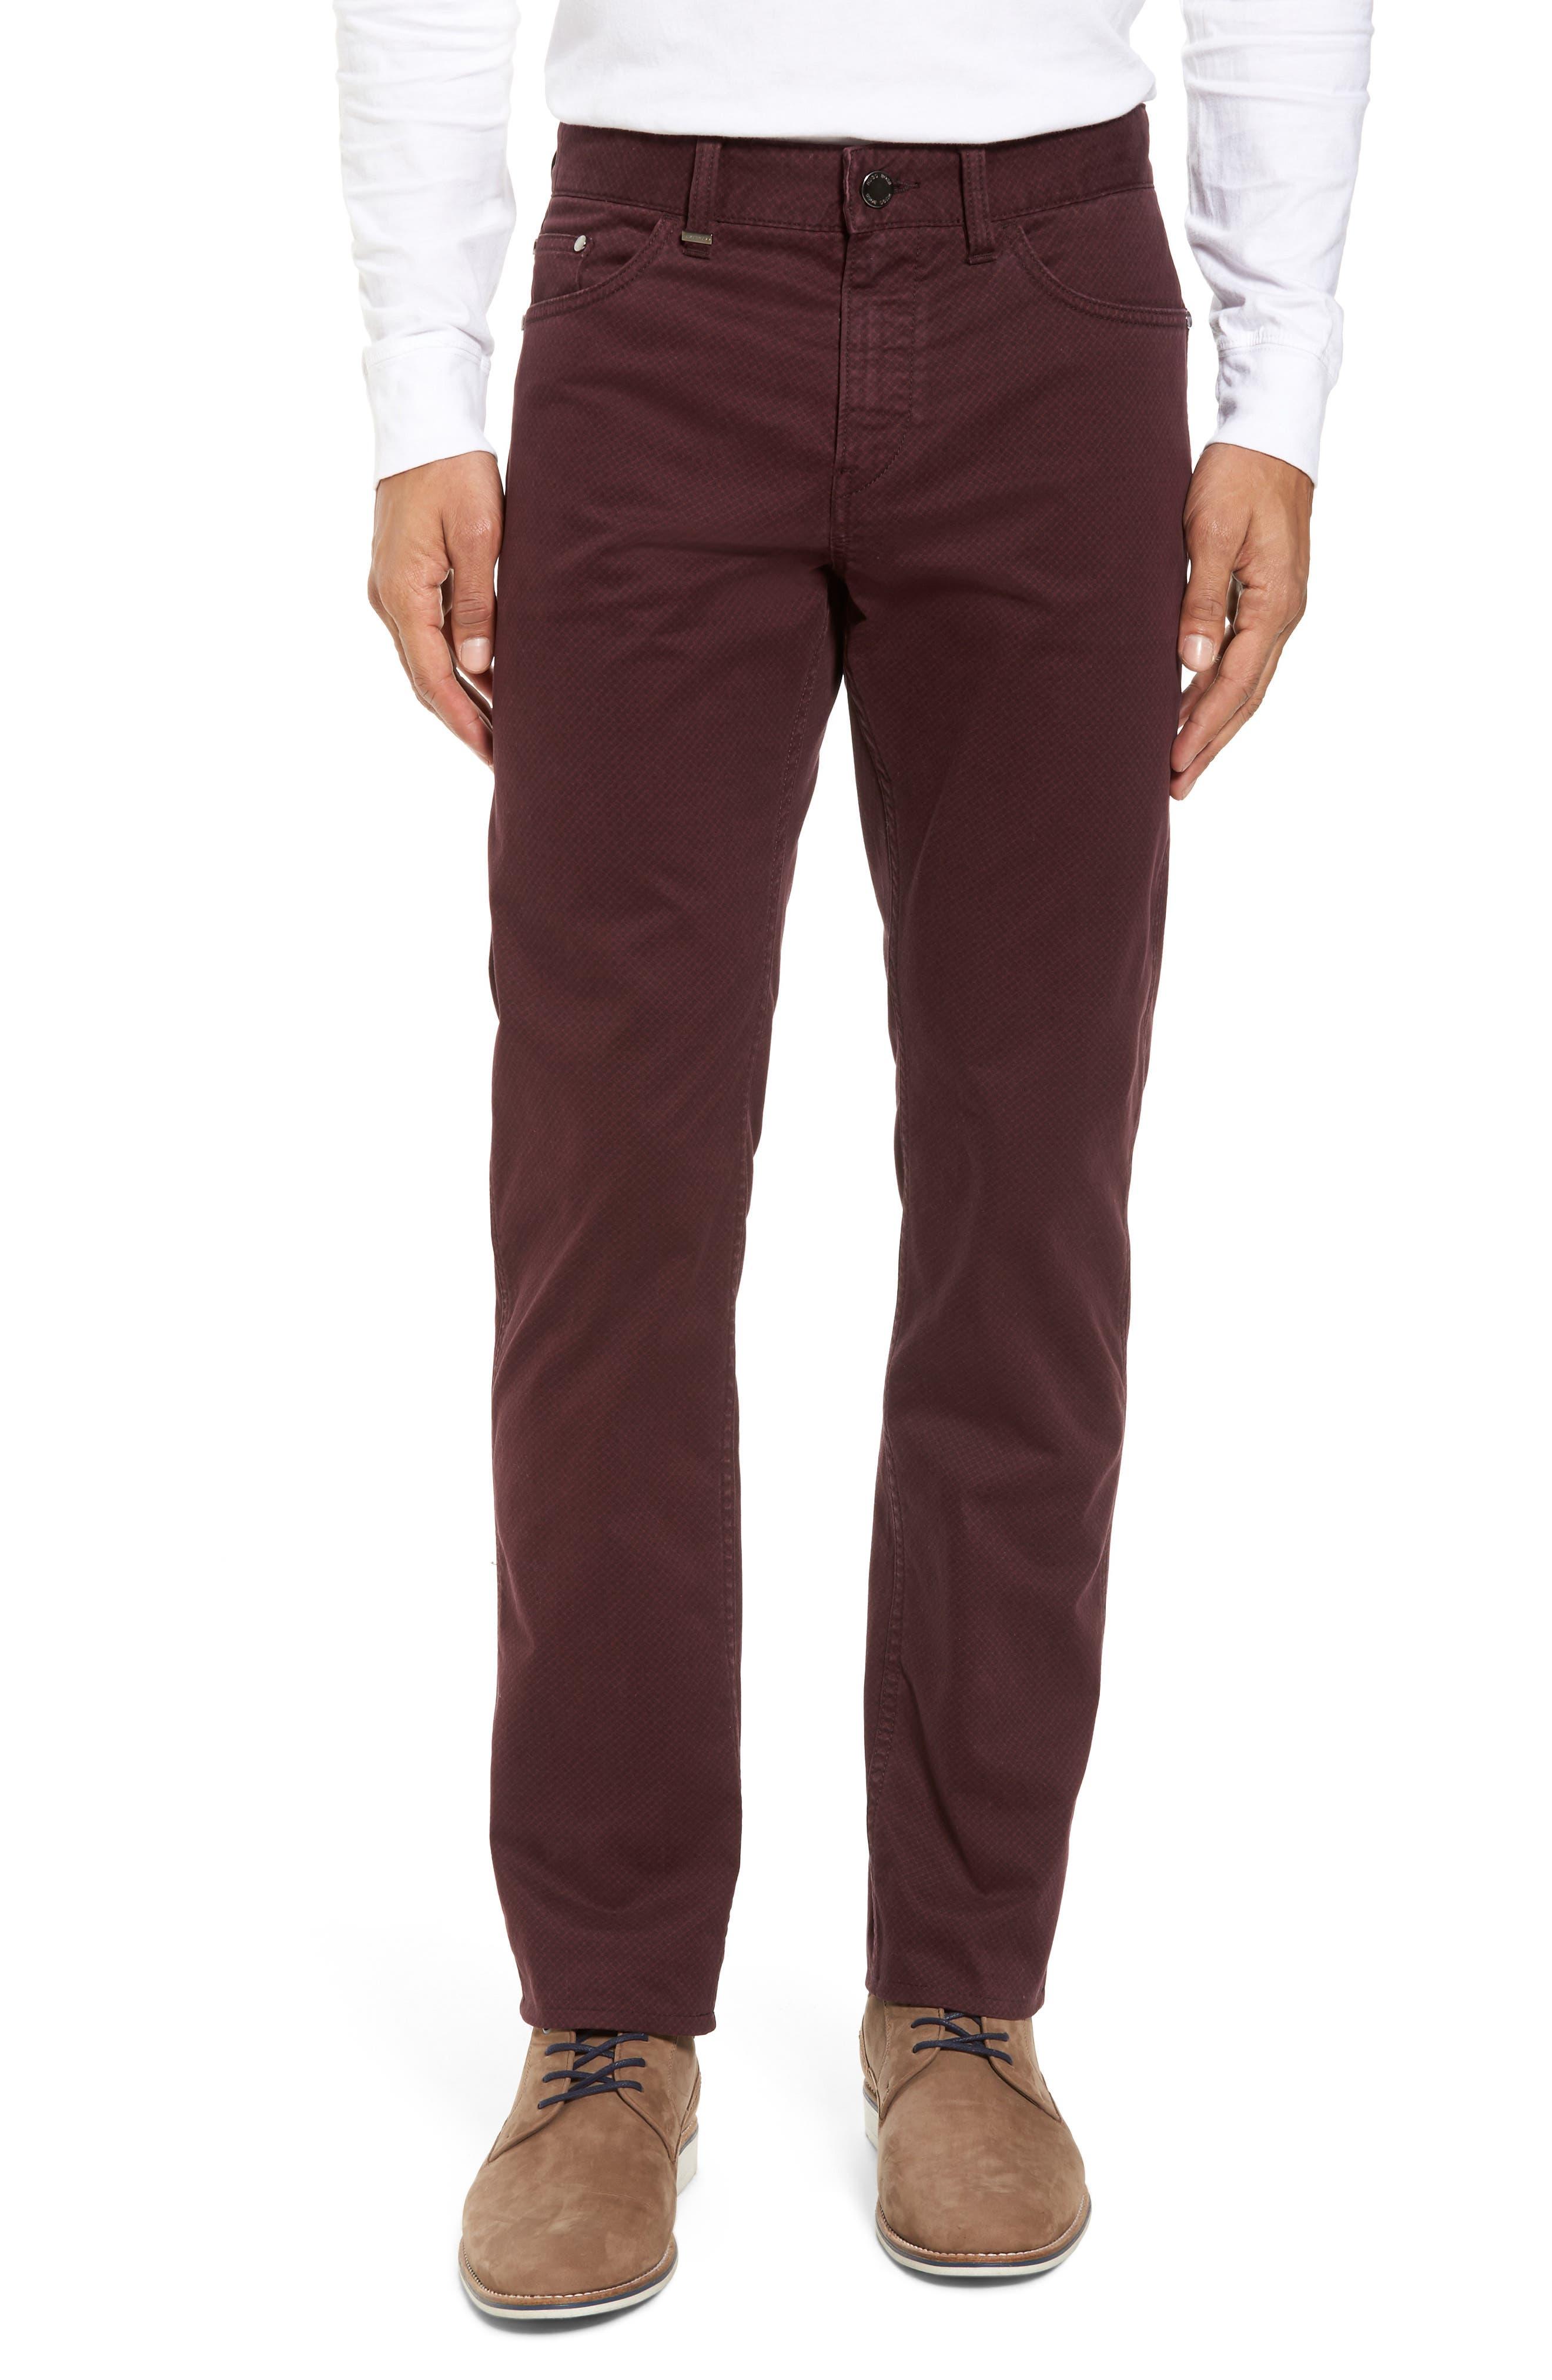 Alternate Image 1 Selected - BOSS Delaware Slim Fit Pants